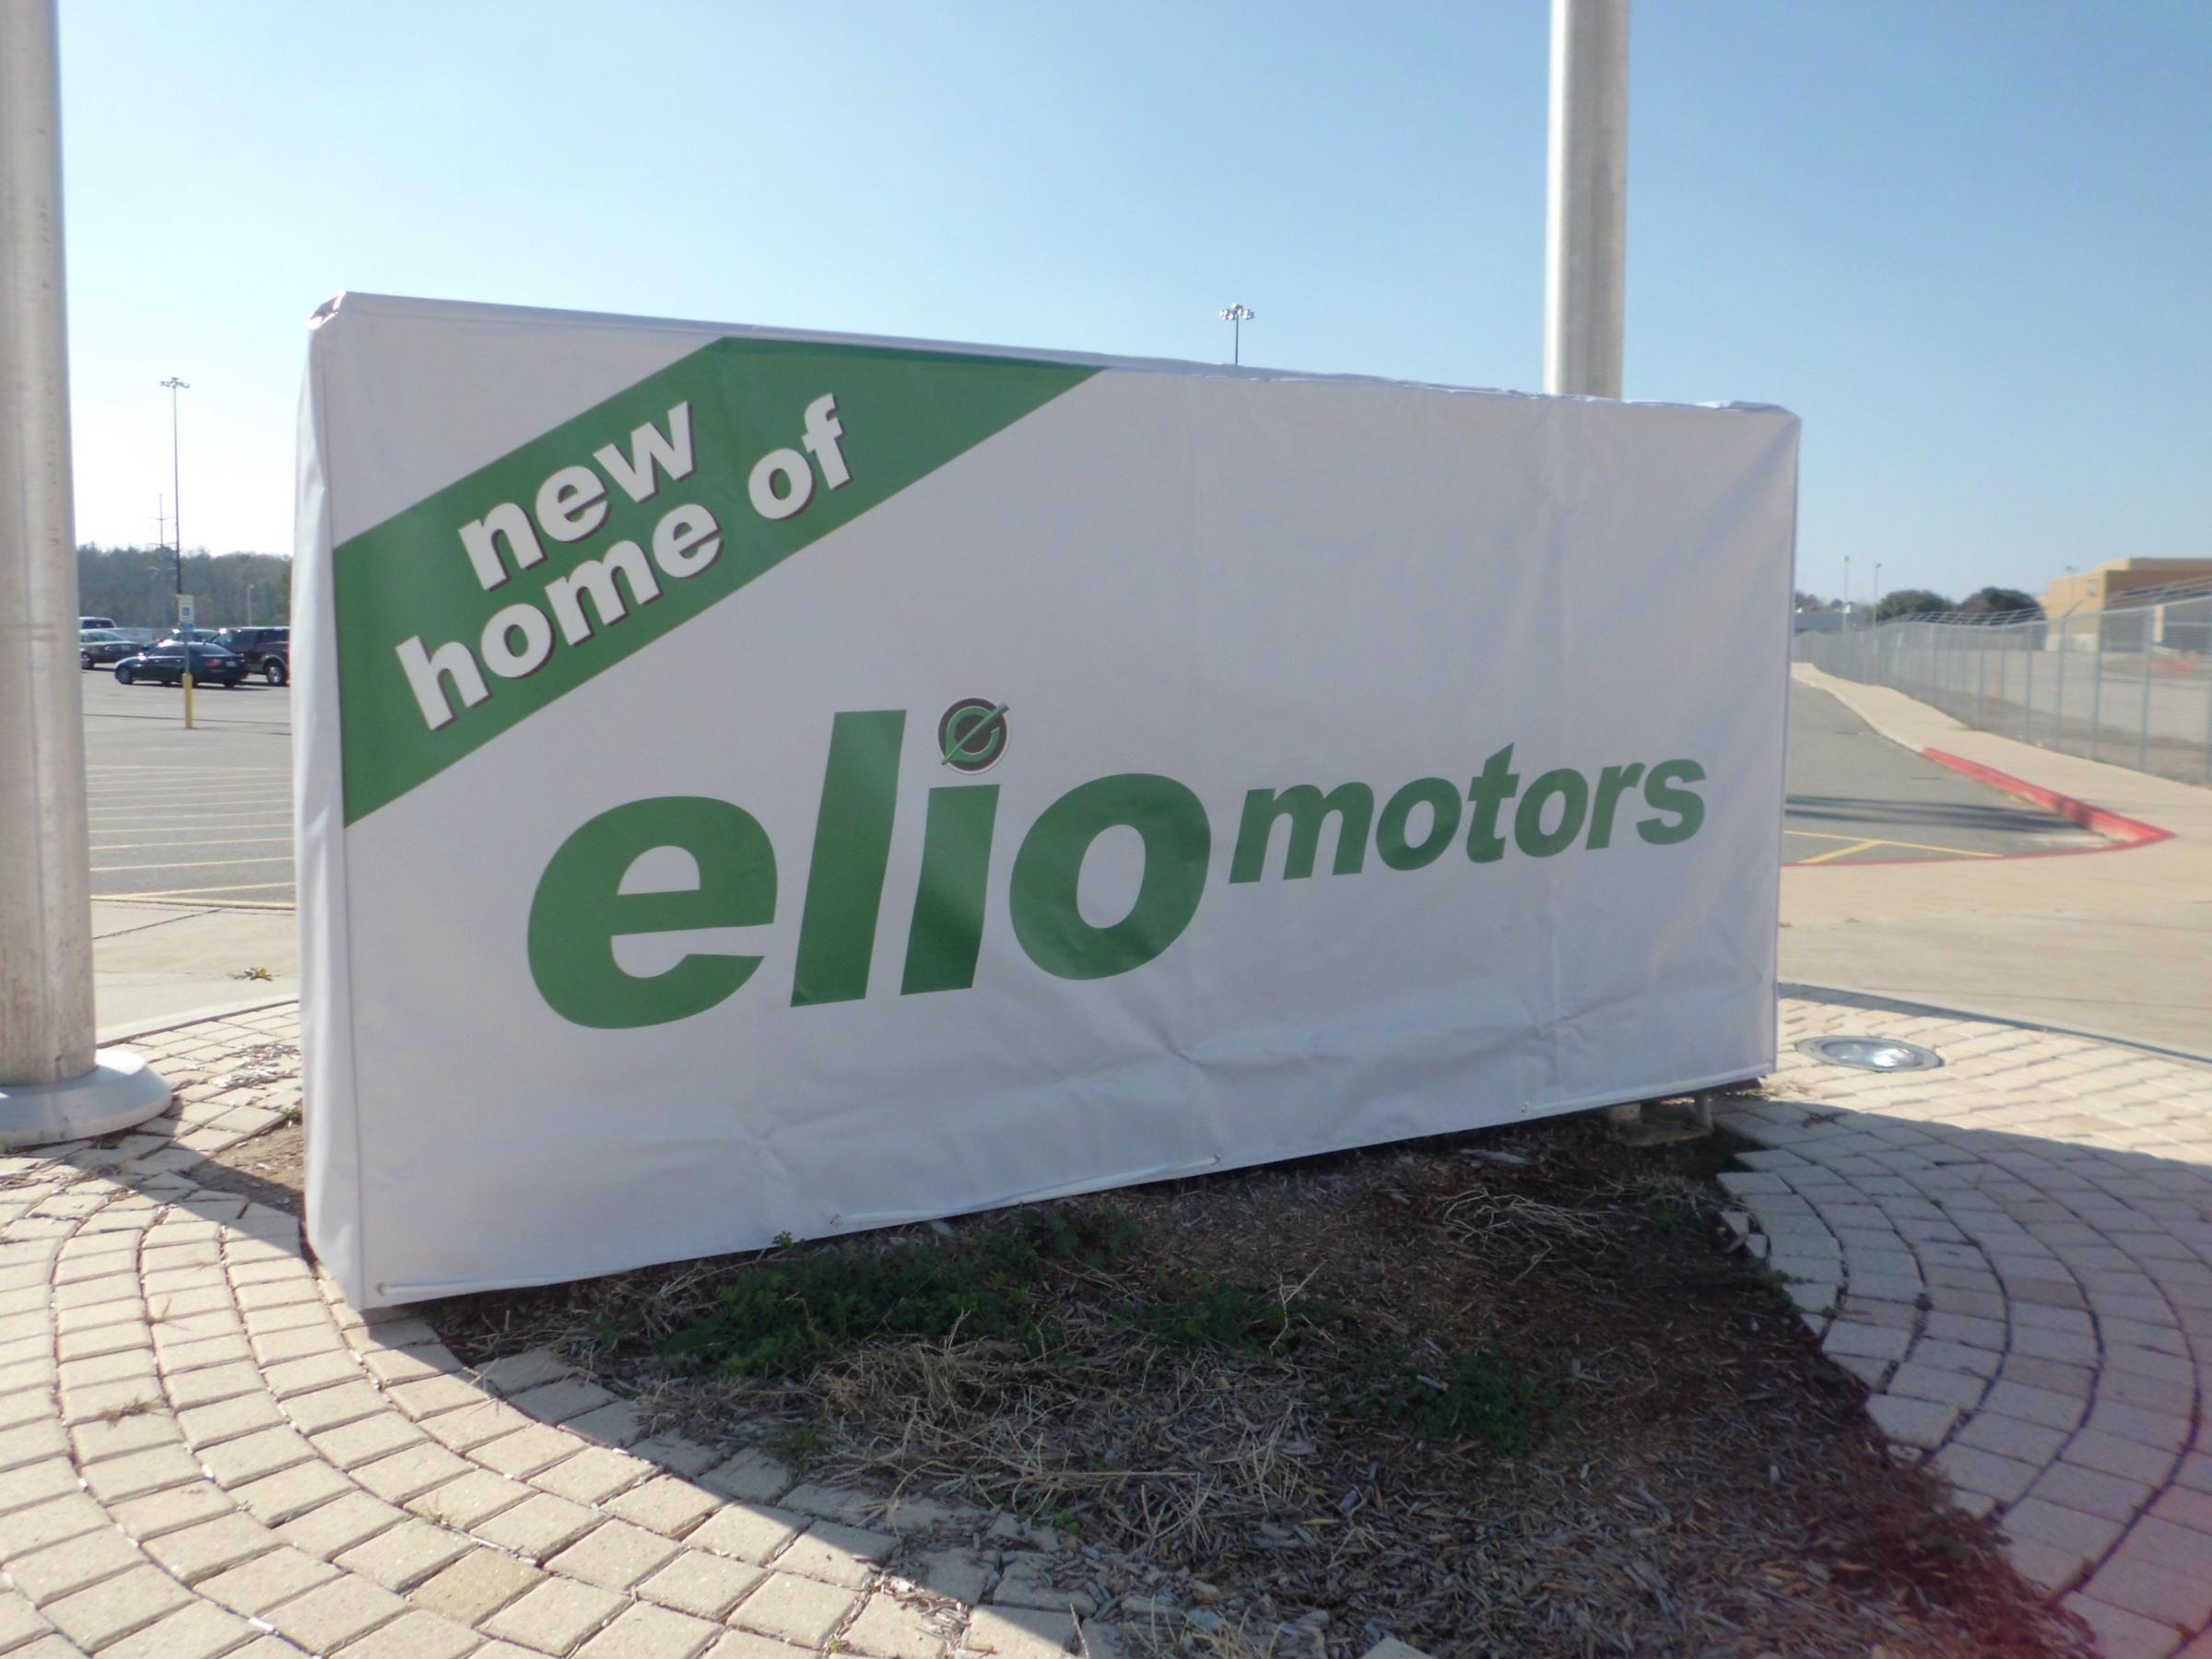 Elio Motors Plans To Build Futuristic Car In Shreveport